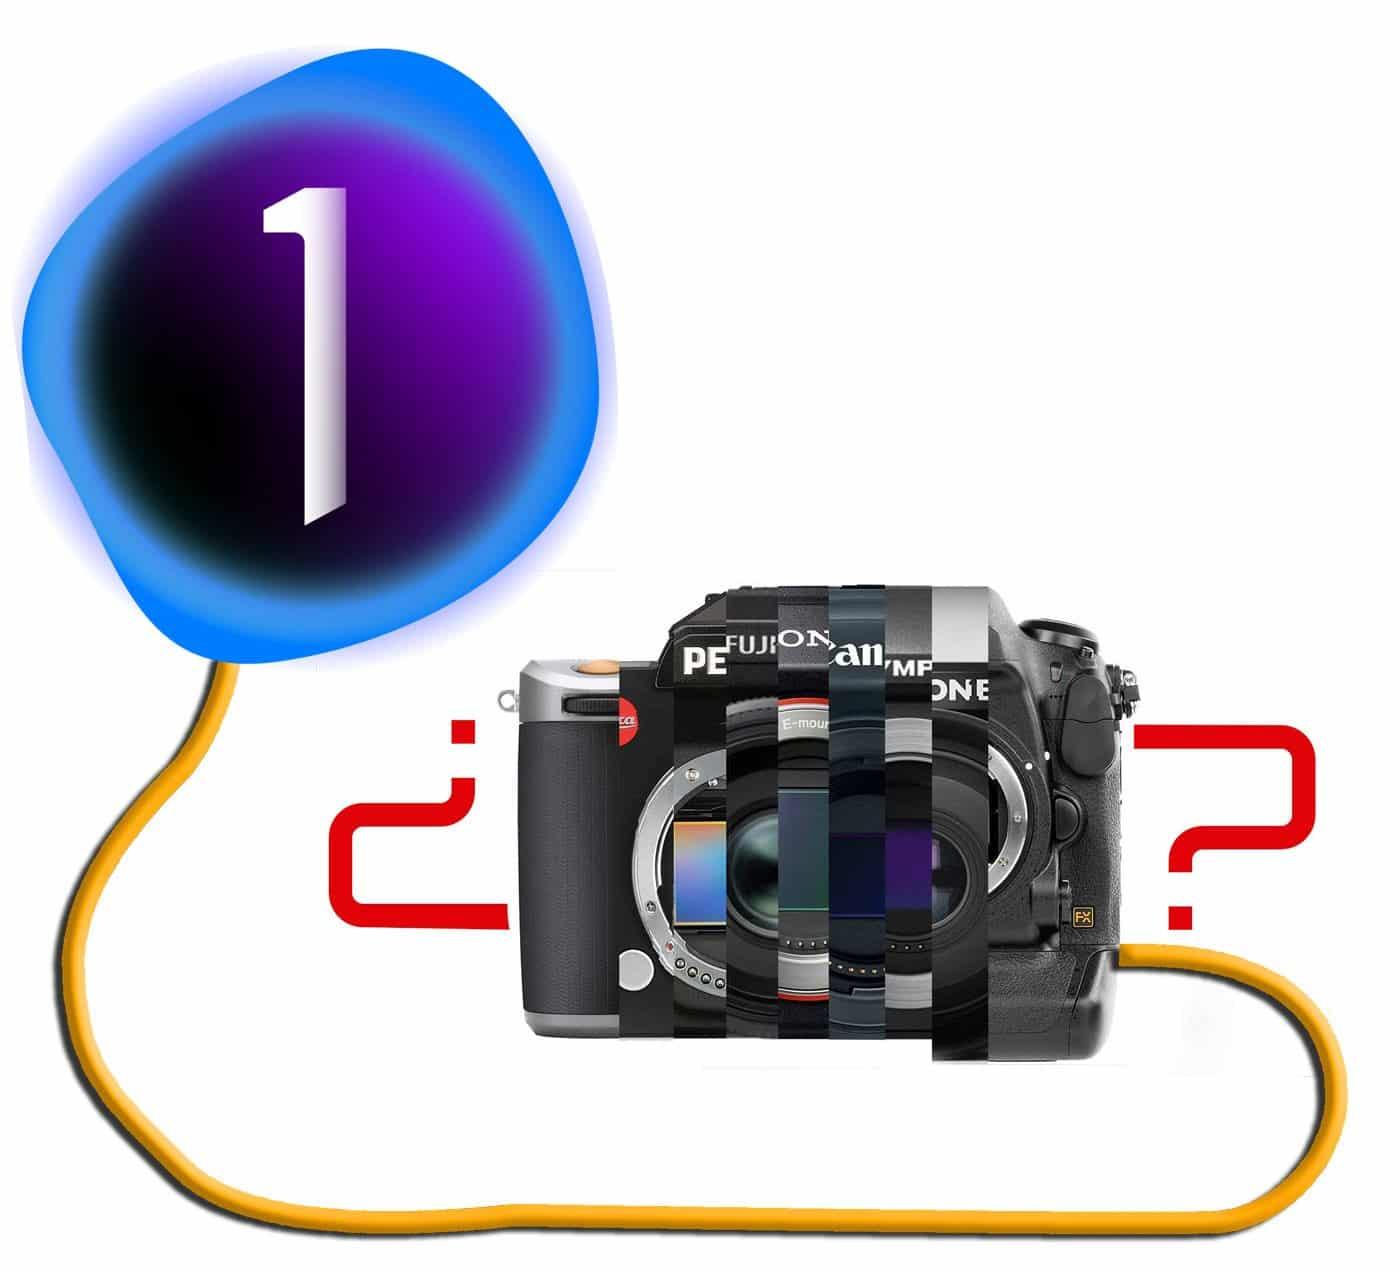 ¿Mi cámara es compatible con Capture One?